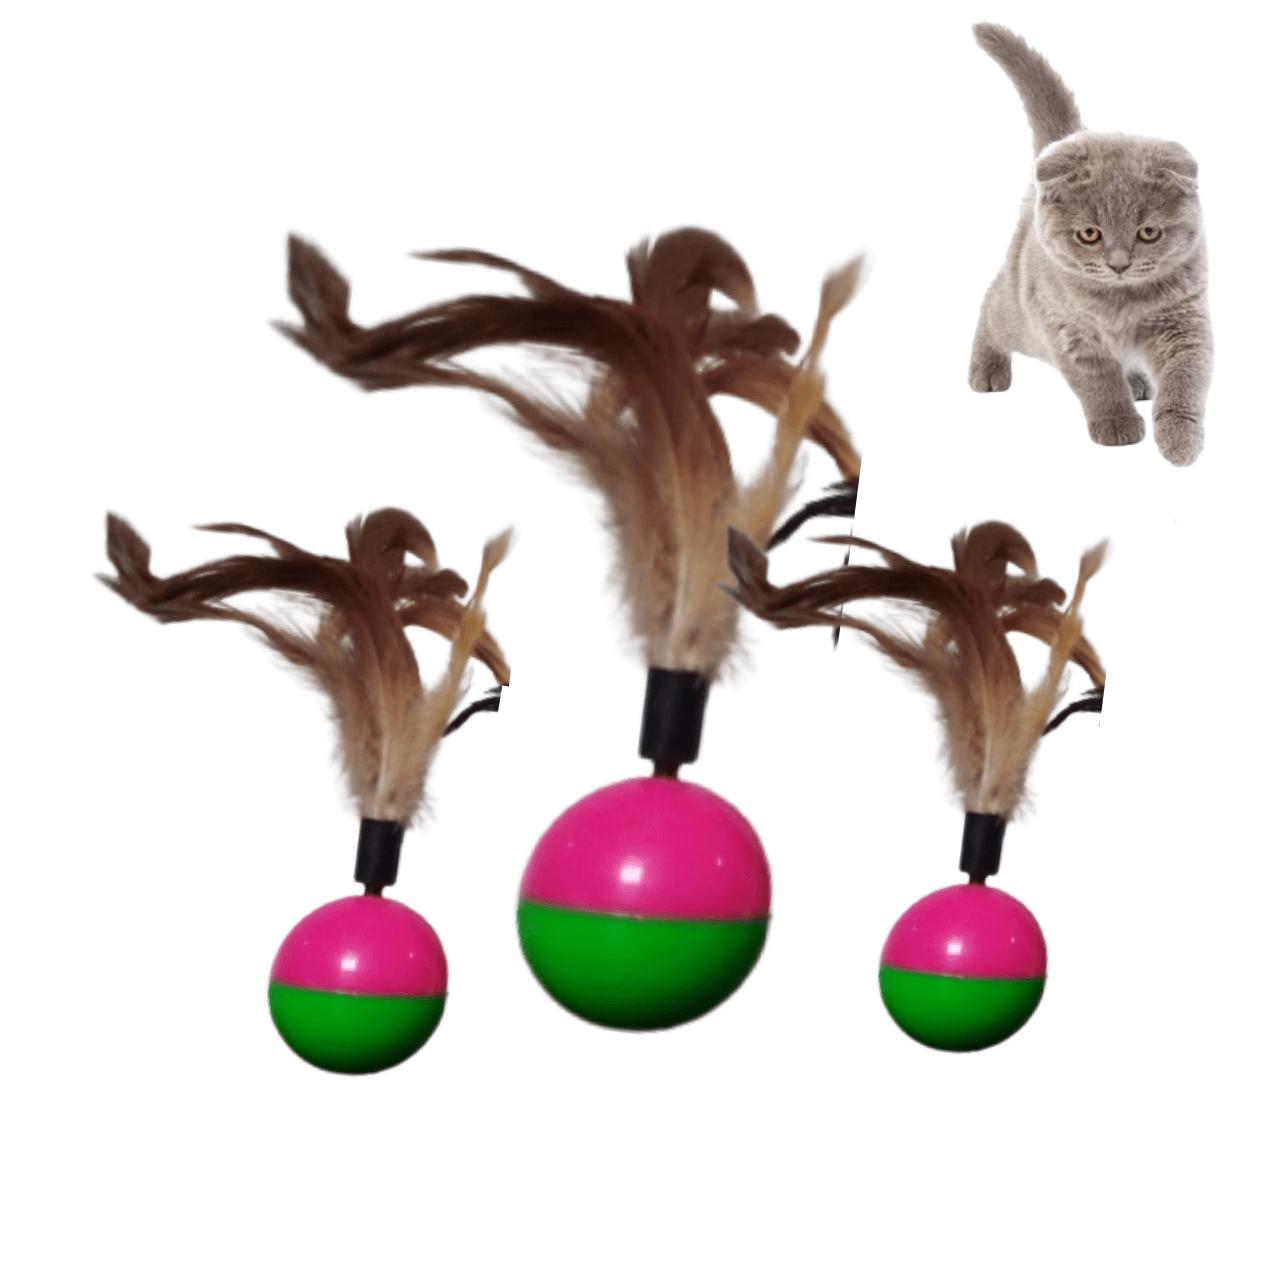 Bola com Pena João Bobo para Gatos